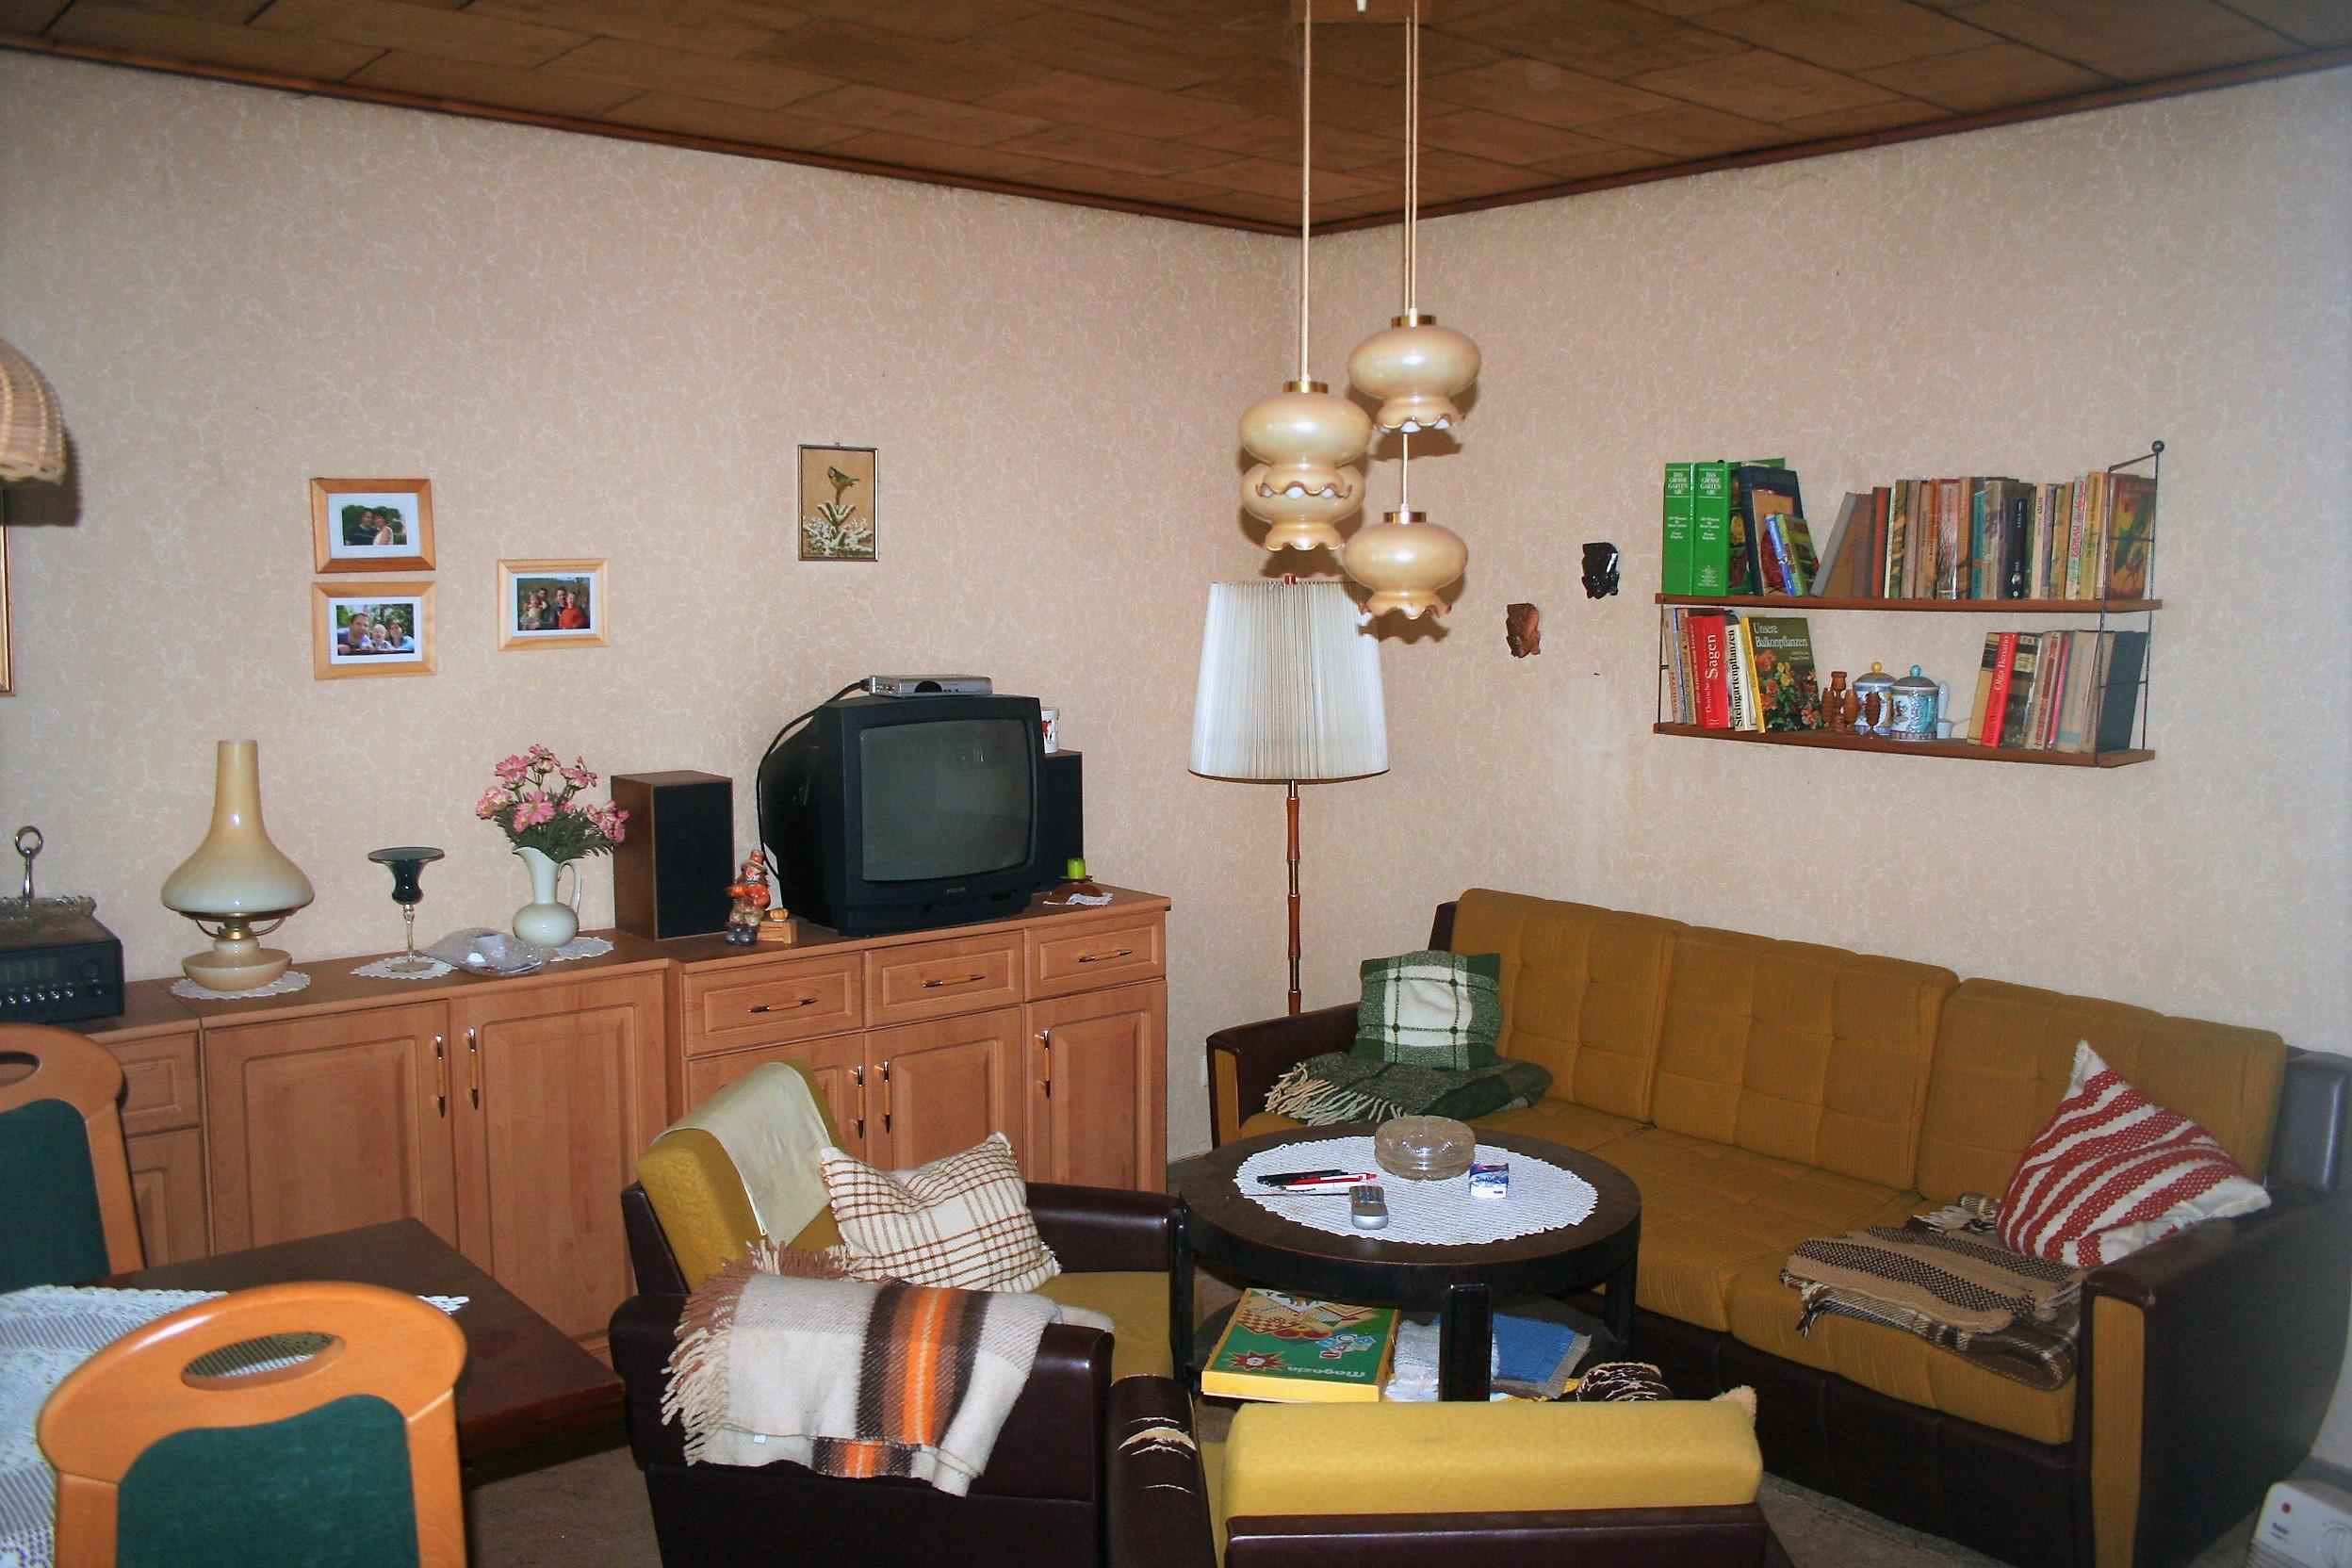 Wochenendgrundstück in Gorenzen - Wohn- und Esszimmer